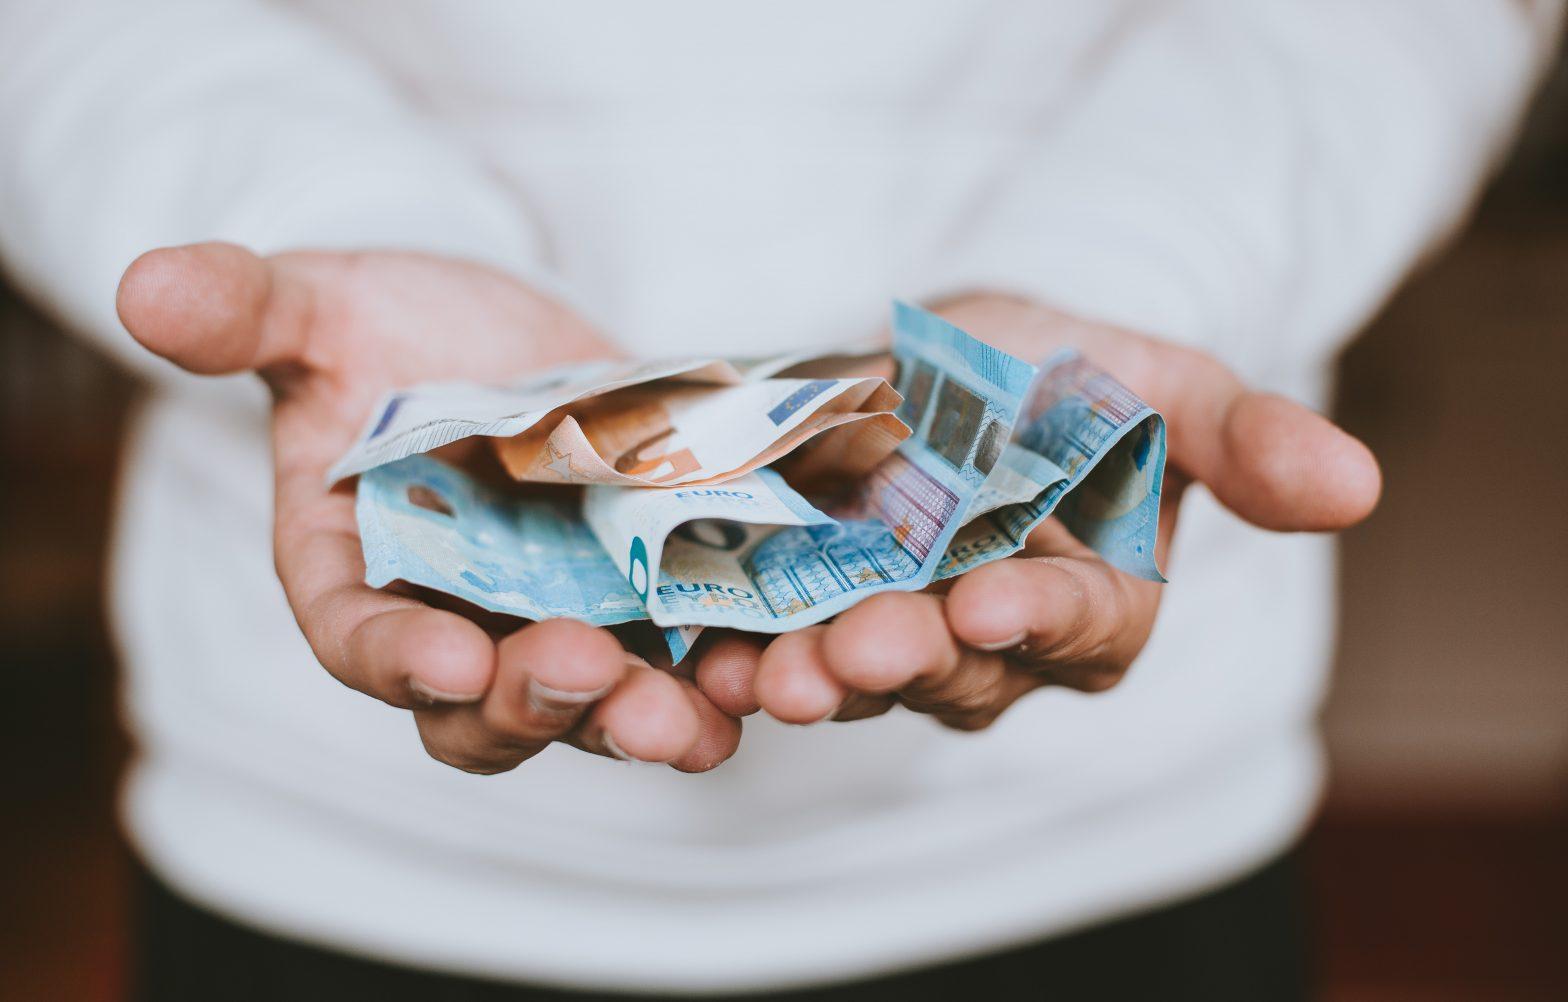 Aggiornamento Fondo Indennizzo Risparmiatori: iniziano i pagamenti